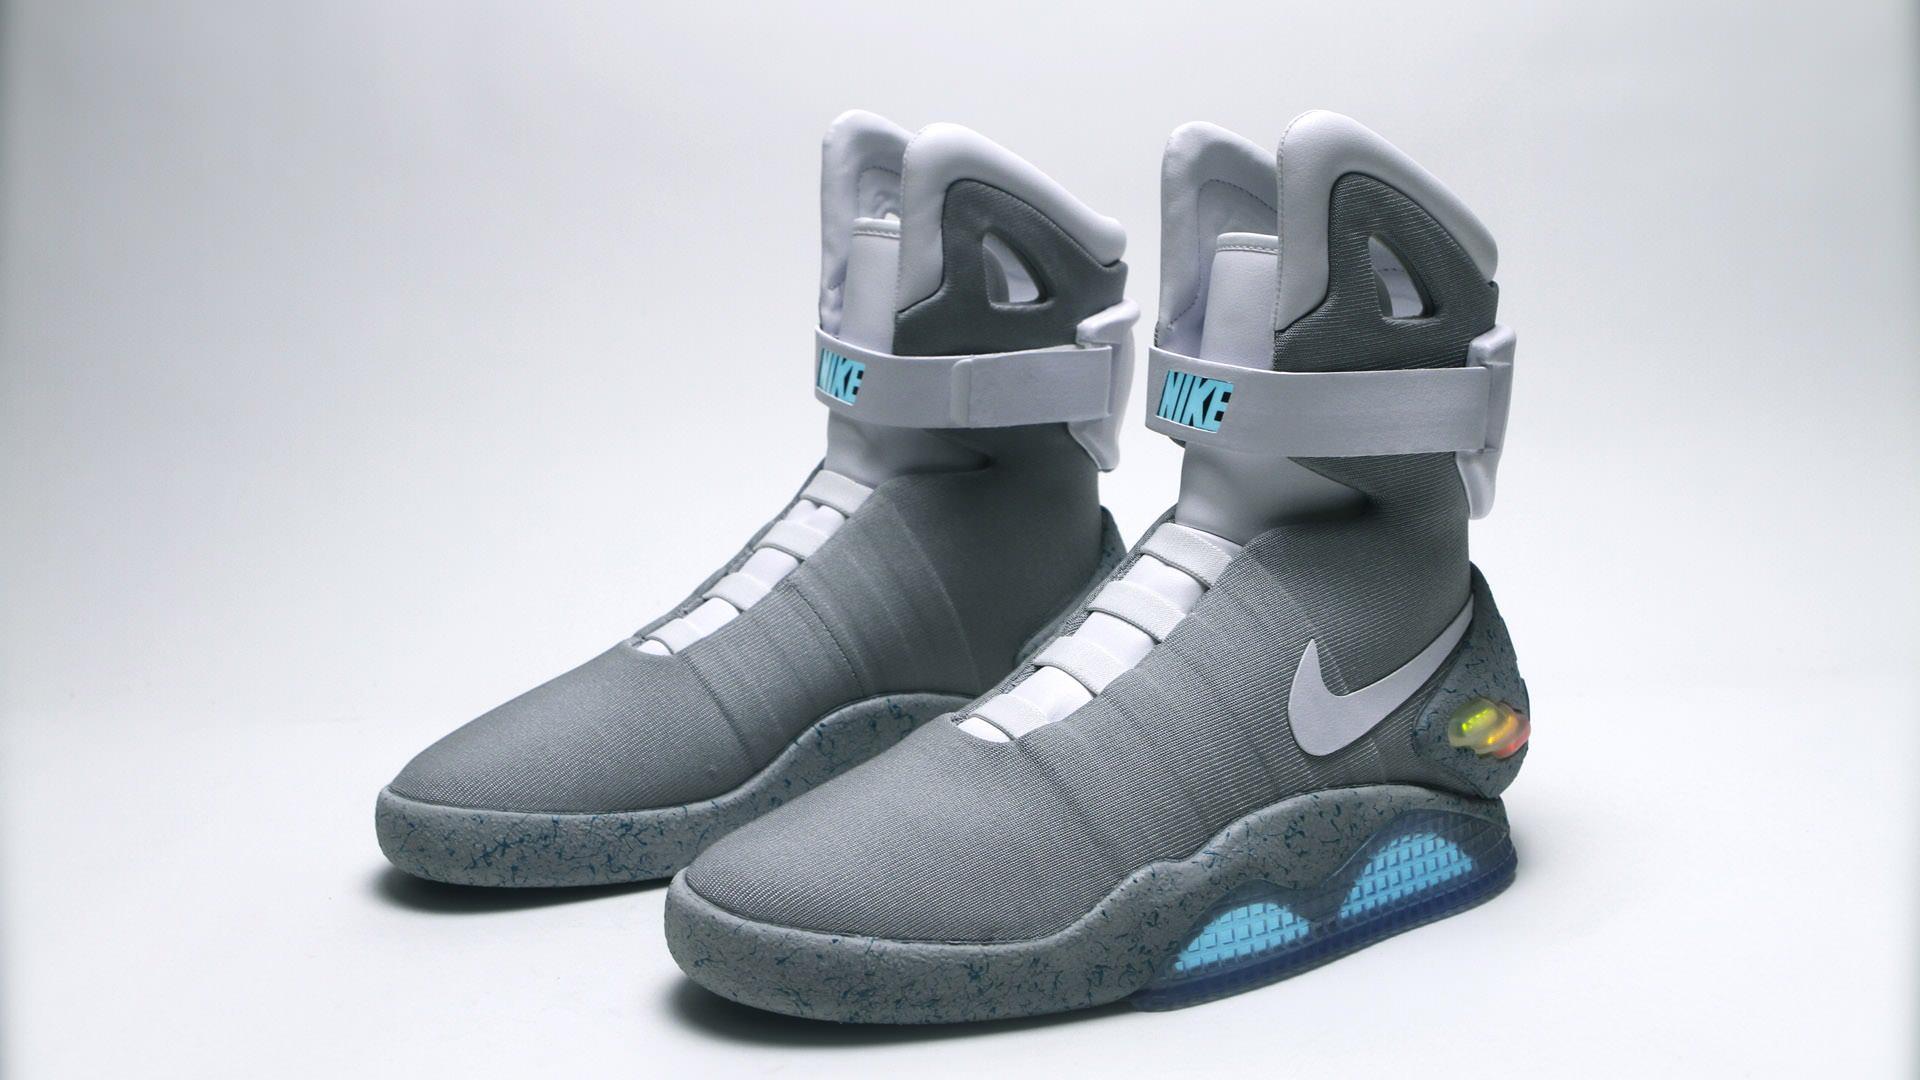 timeless design f1526 ae0fb Les célèbres baskets Nike portées par Marty McFly dans Retour vers le futur  2 seront commercialisées en 2015. Lentreprise américaine à la virgule la  ...